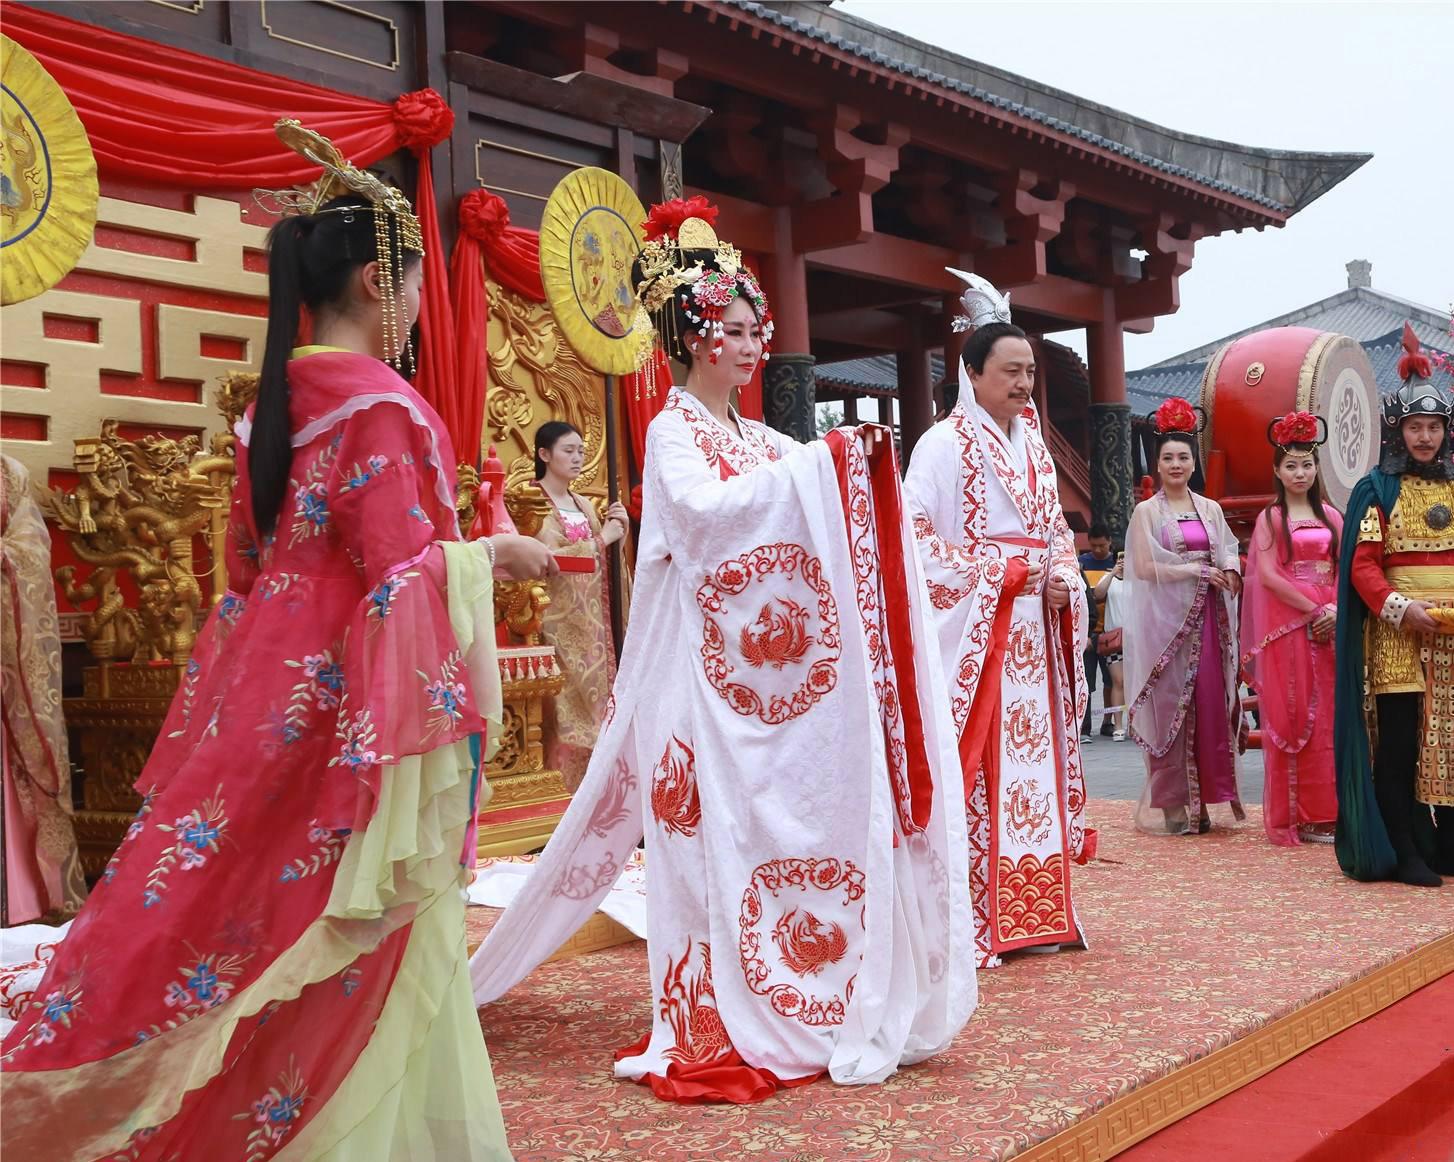 中式婚礼有什么样的魅力让越来越多的外国人喜欢